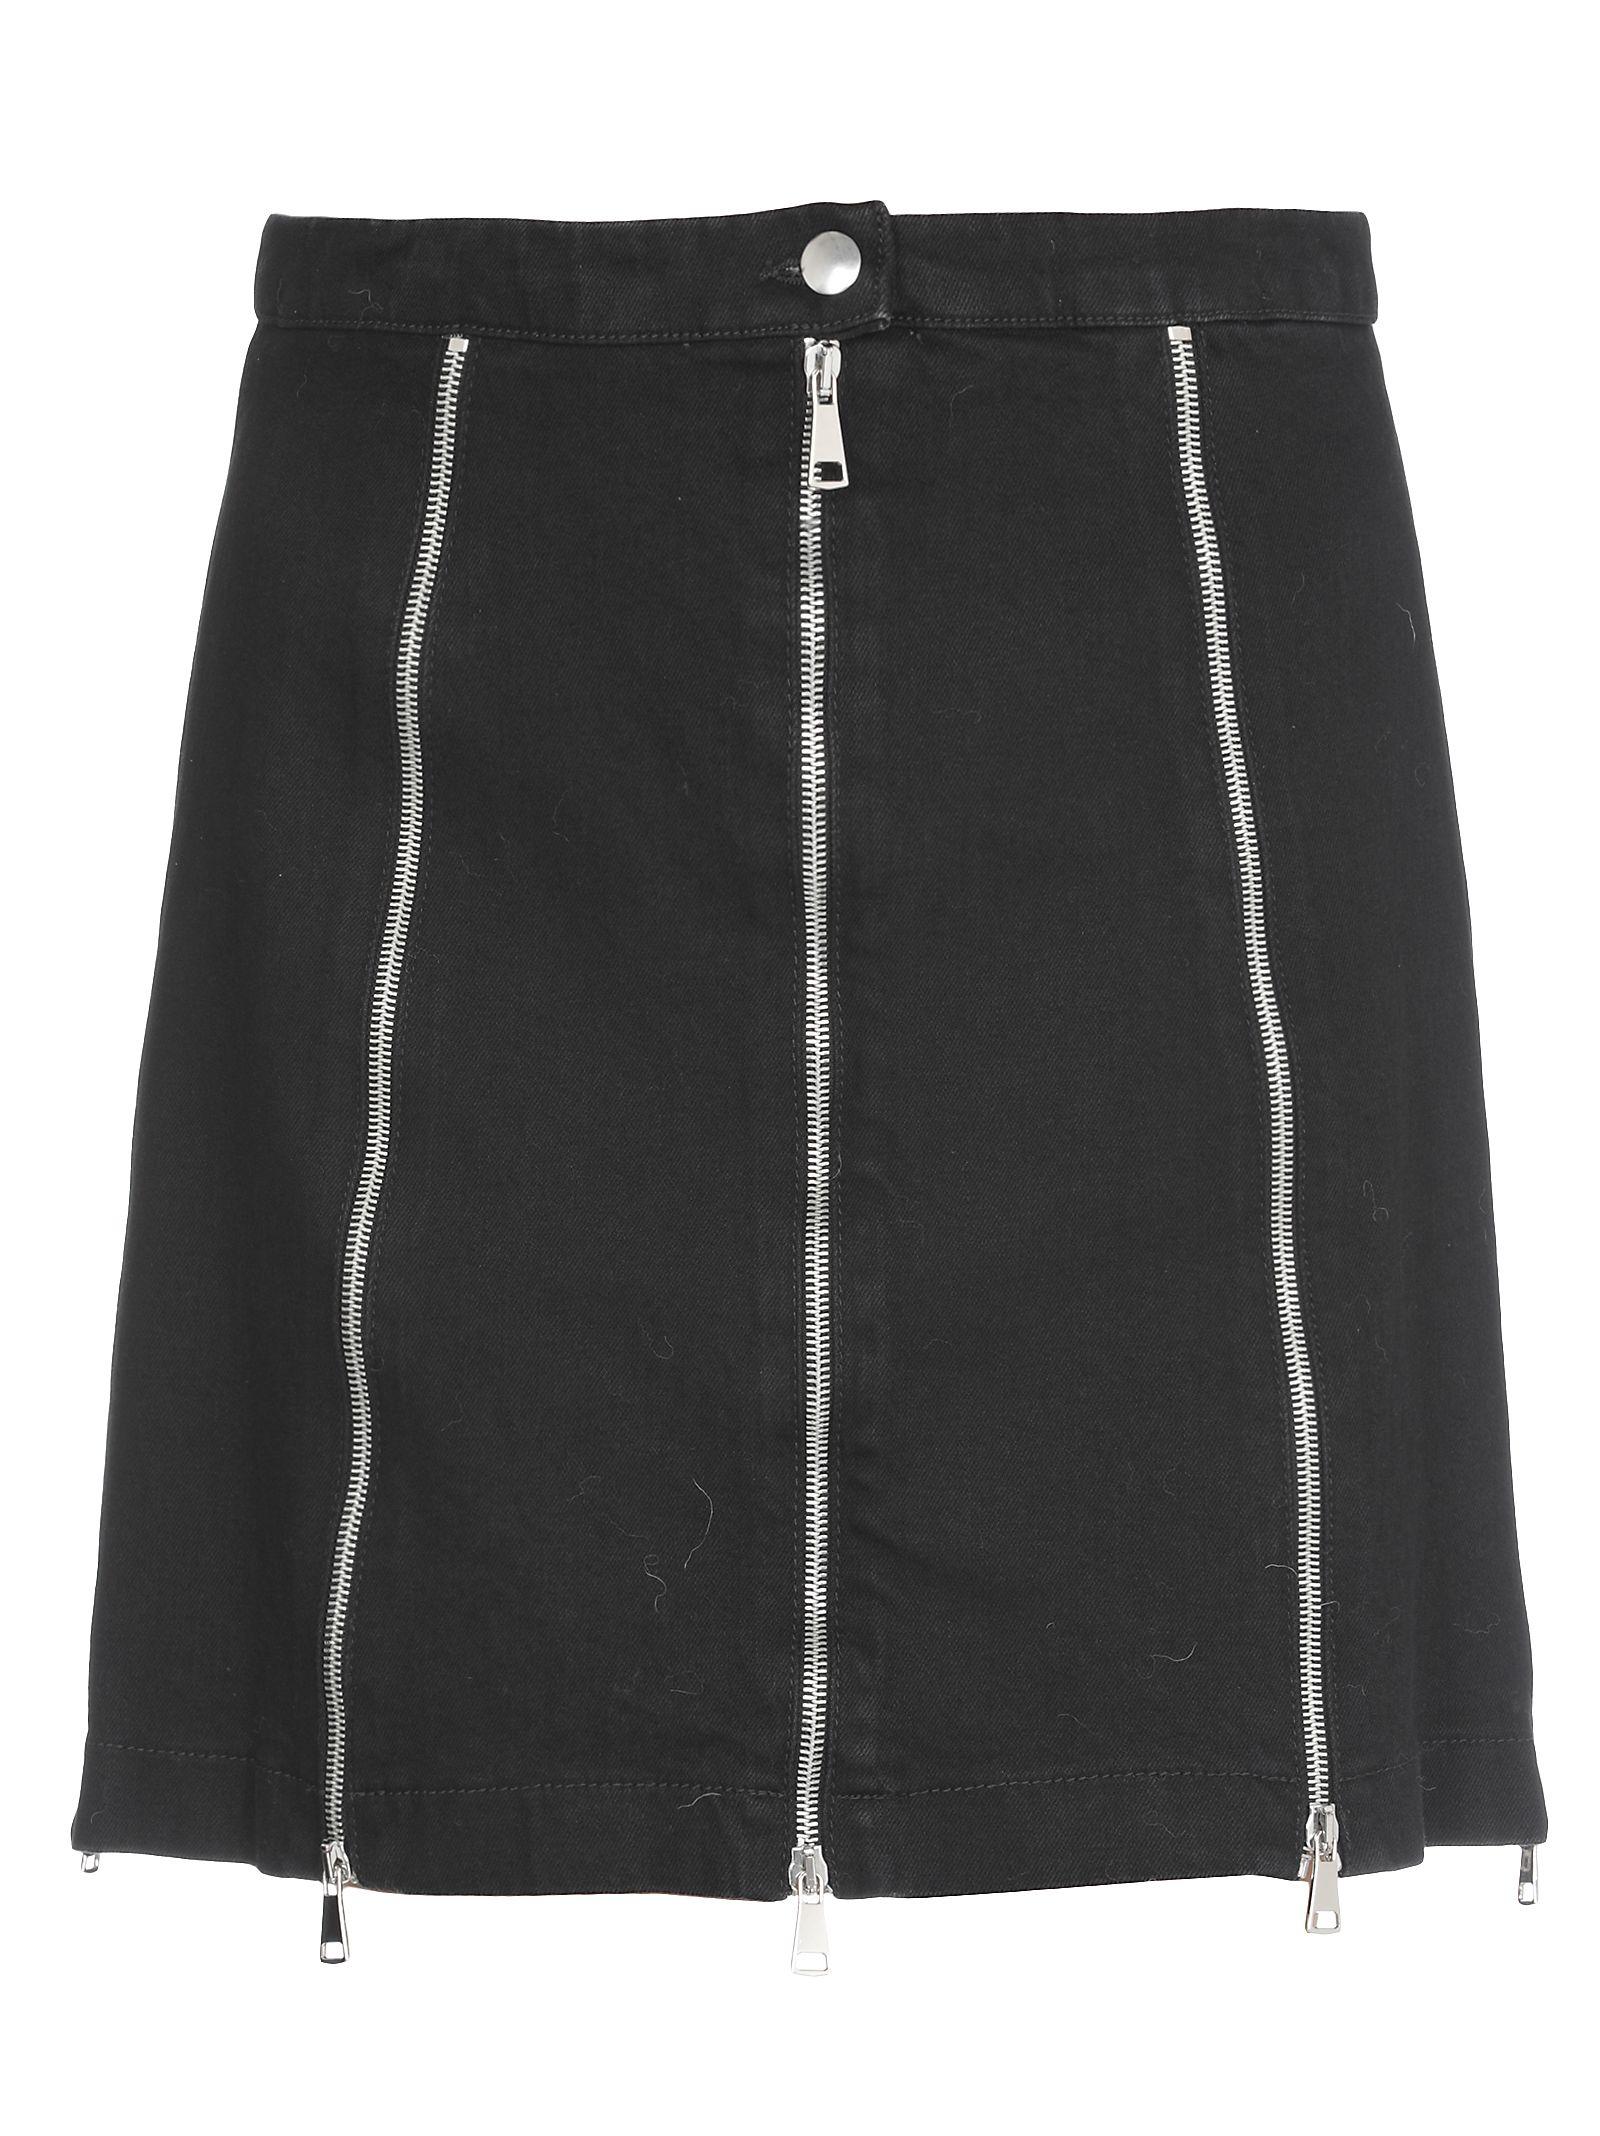 McQ Alexander McQueen Jeans Skirt